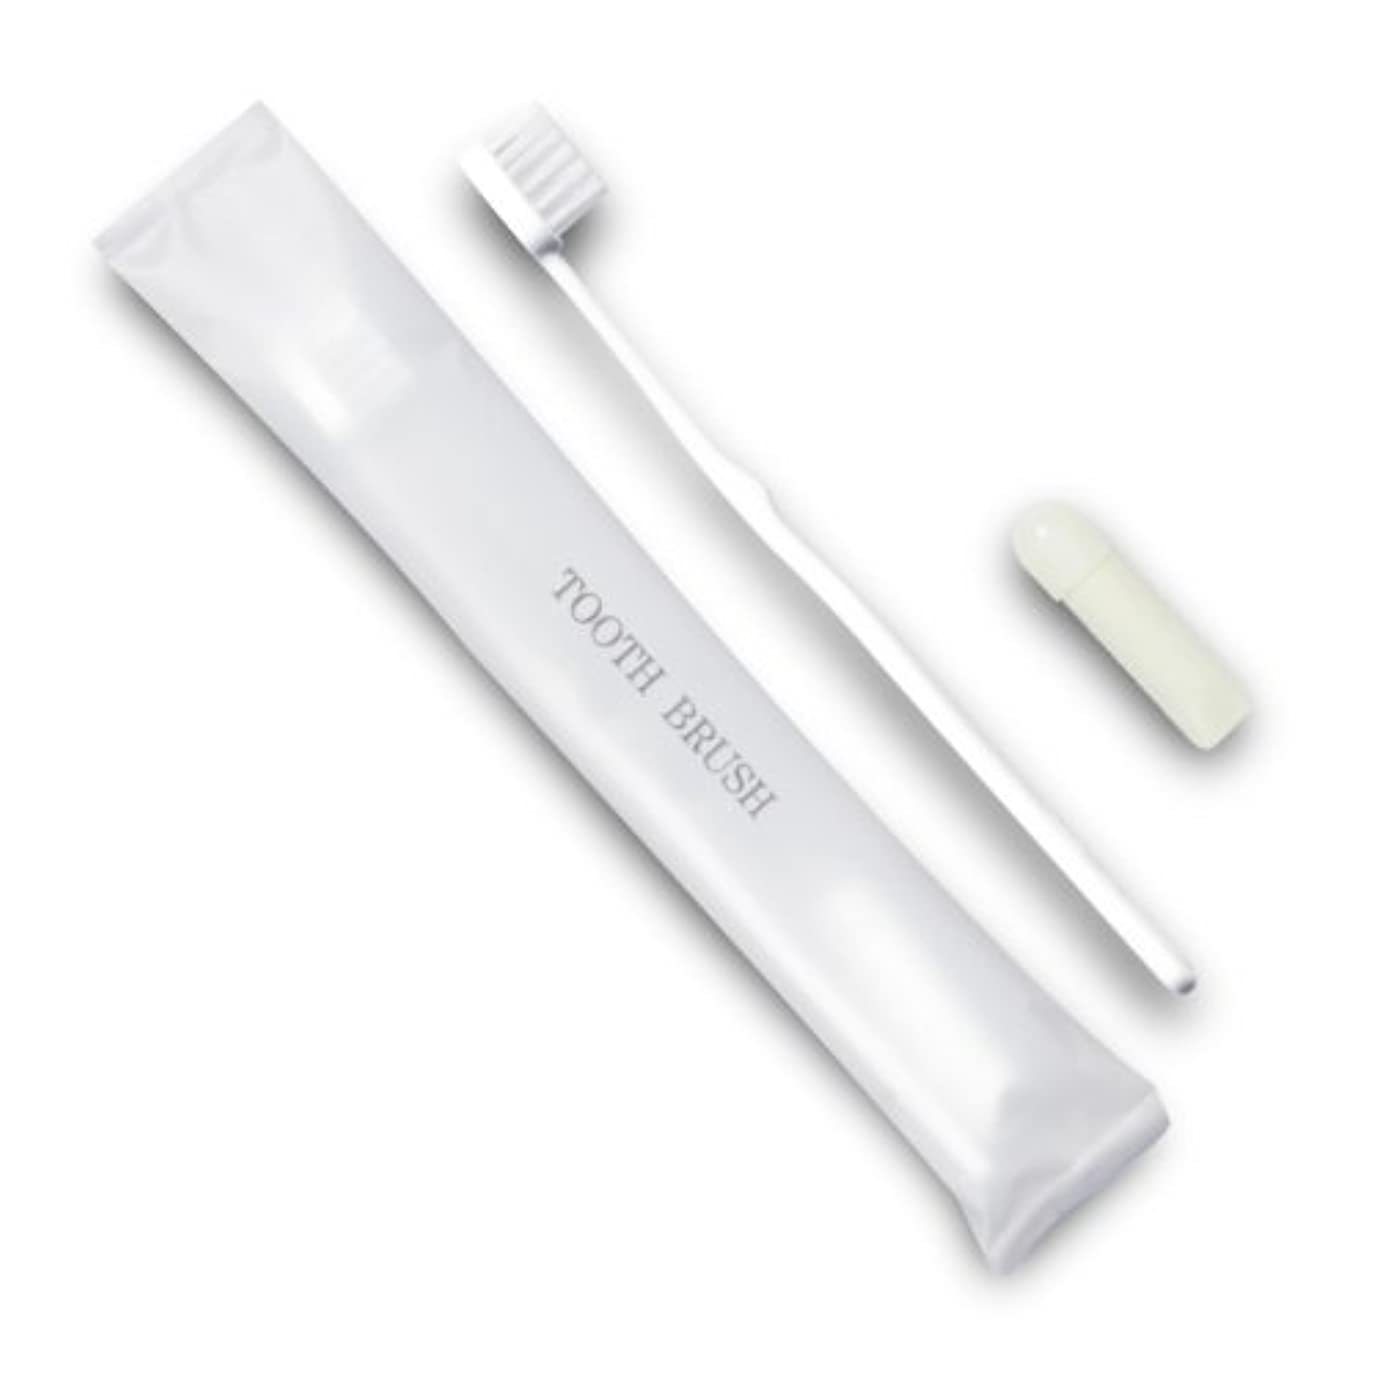 組み込むフェード住むホテル業務用歯ブラシ21穴(白)3gチューブ マット袋FタイプDX 1400本